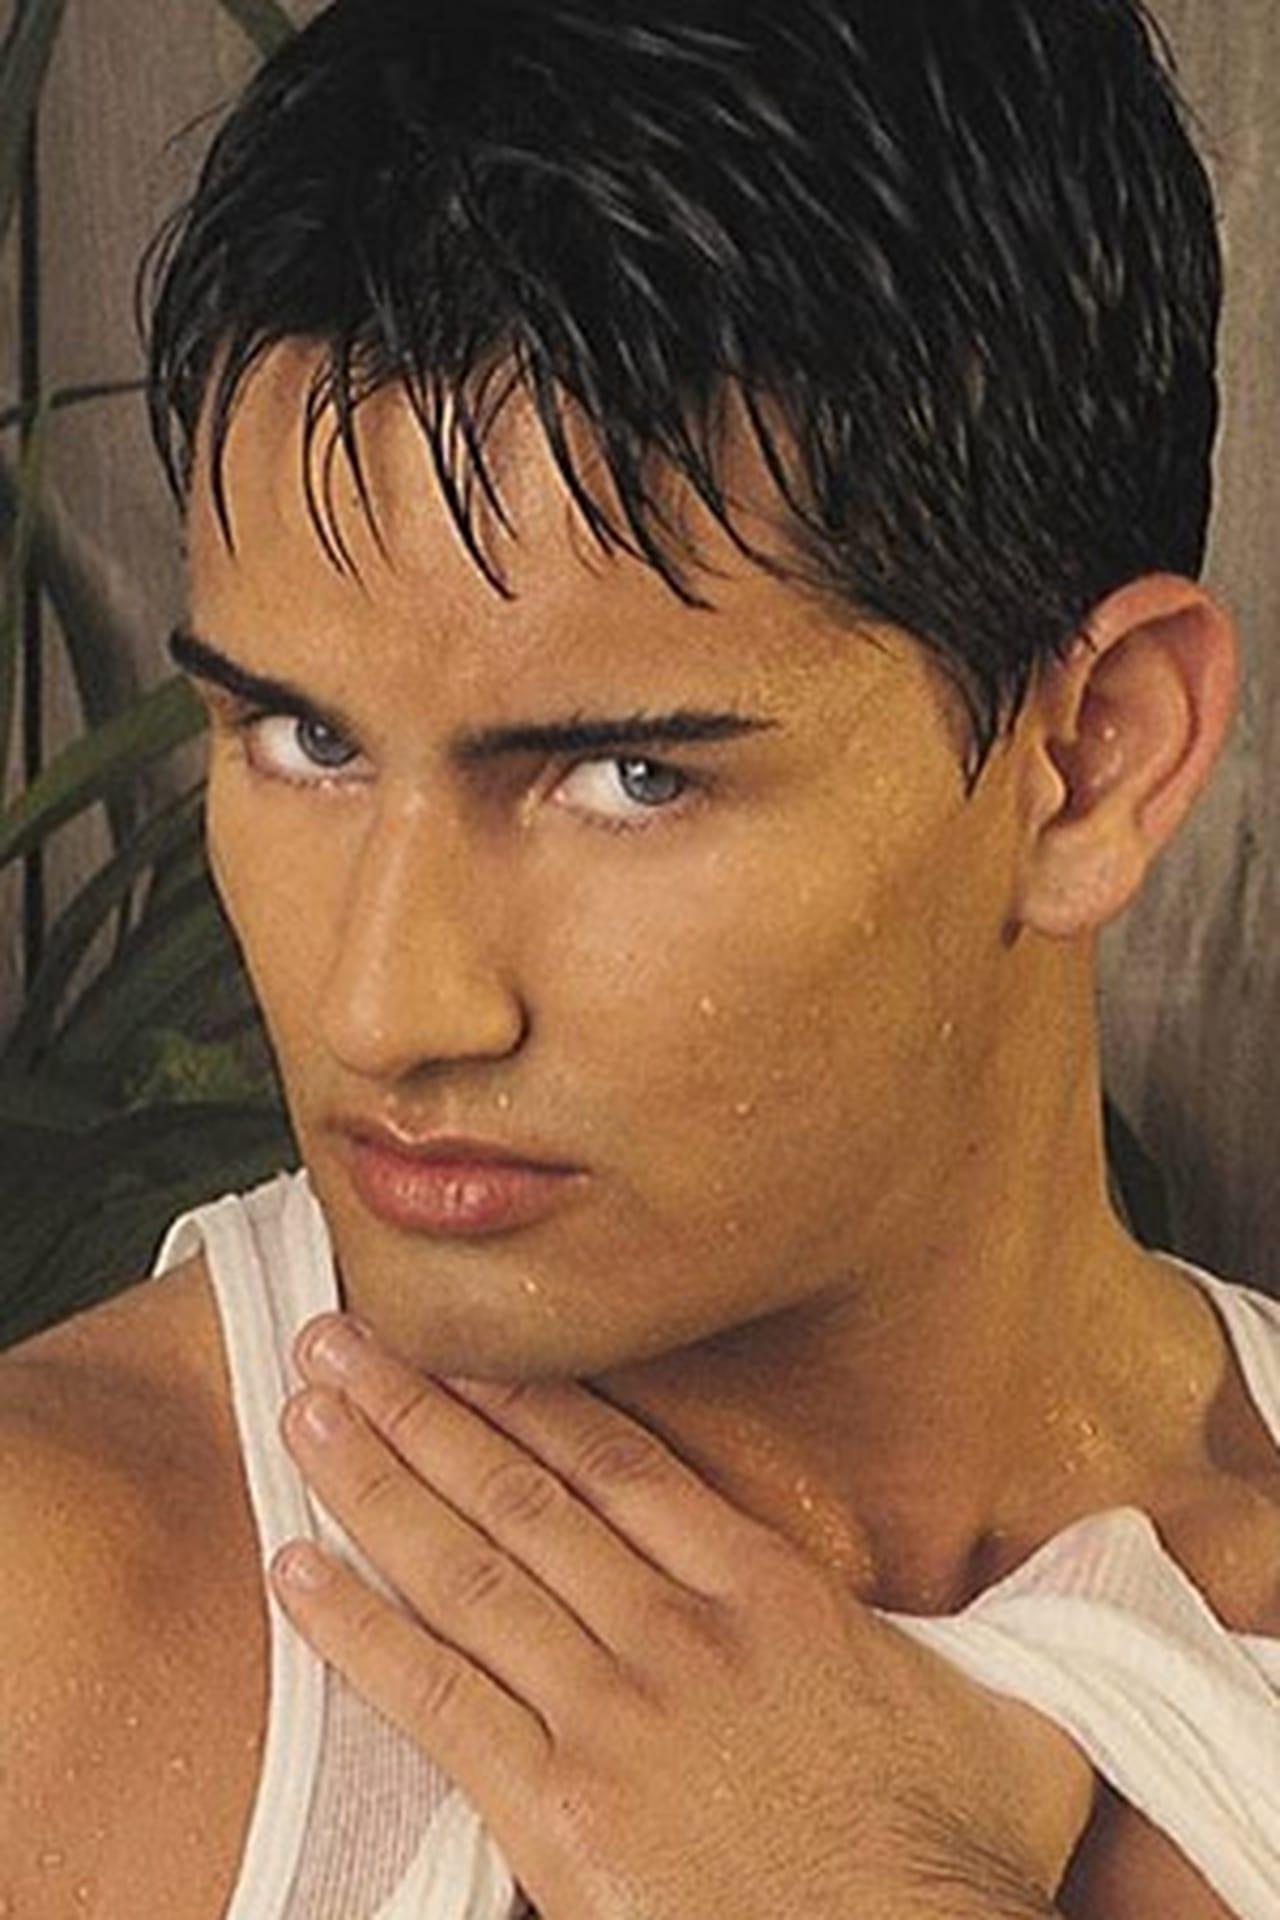 er det homoseksuelt at sutte en pik, hvis det er en dre